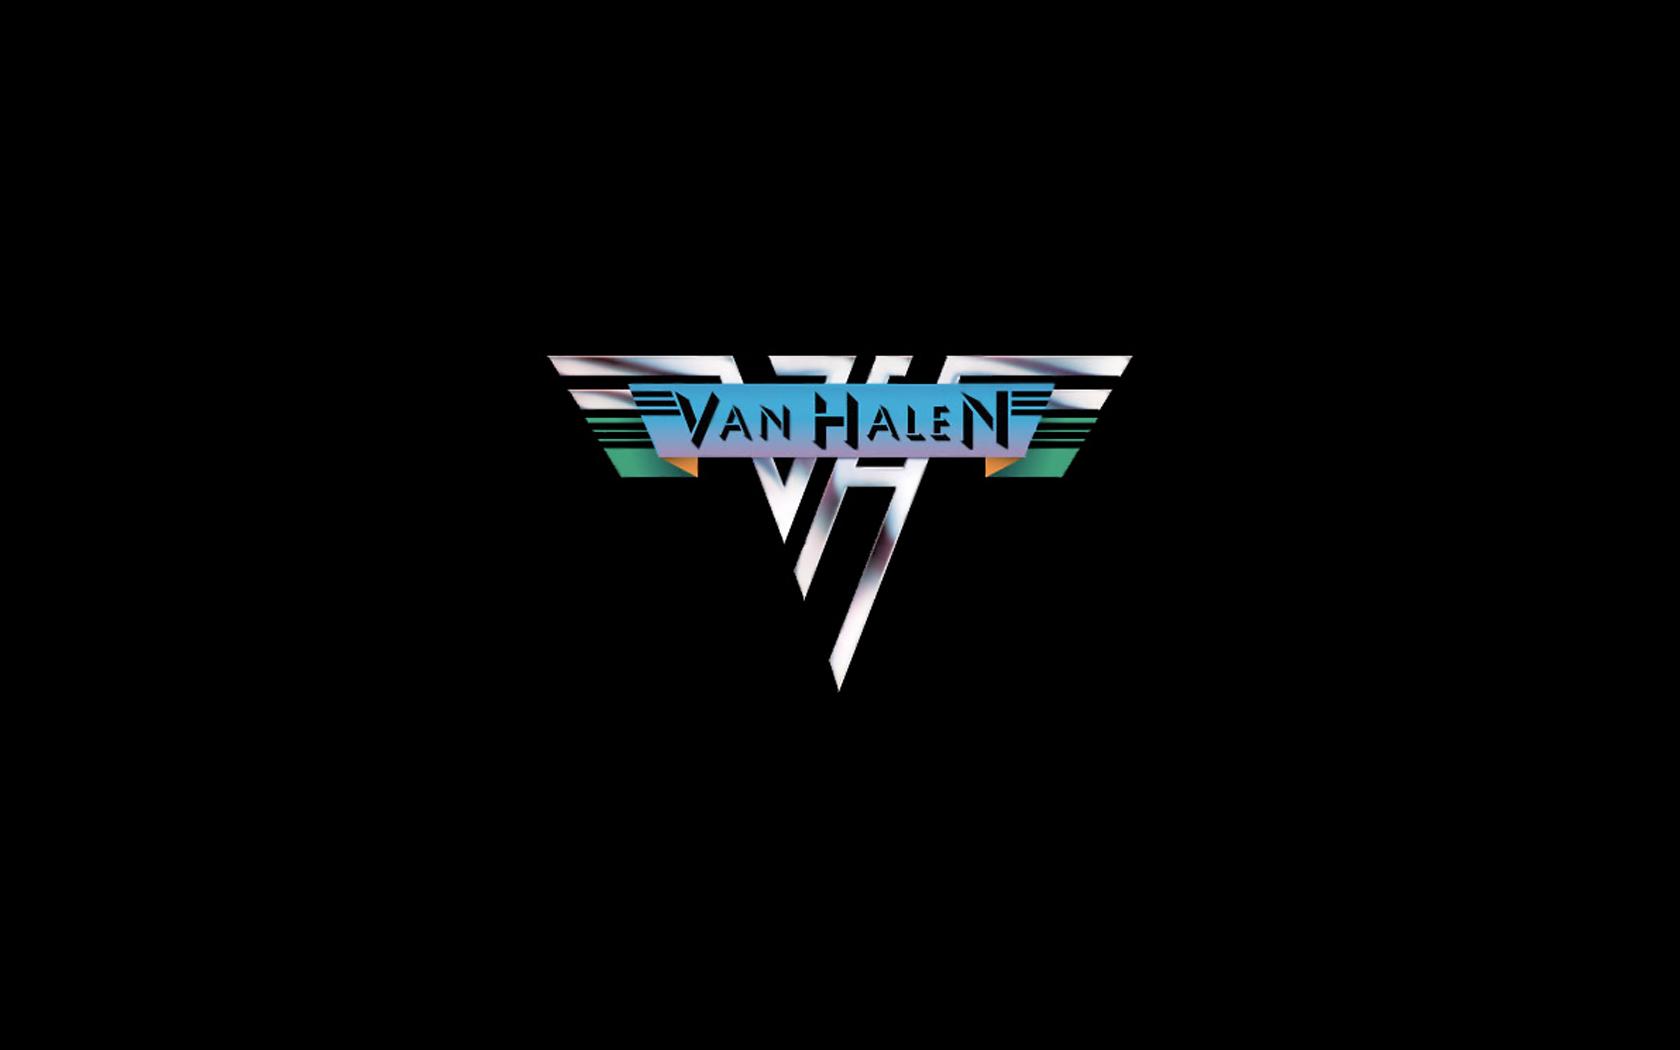 48 Van Halen Iphone Wallpaper On Wallpapersafari